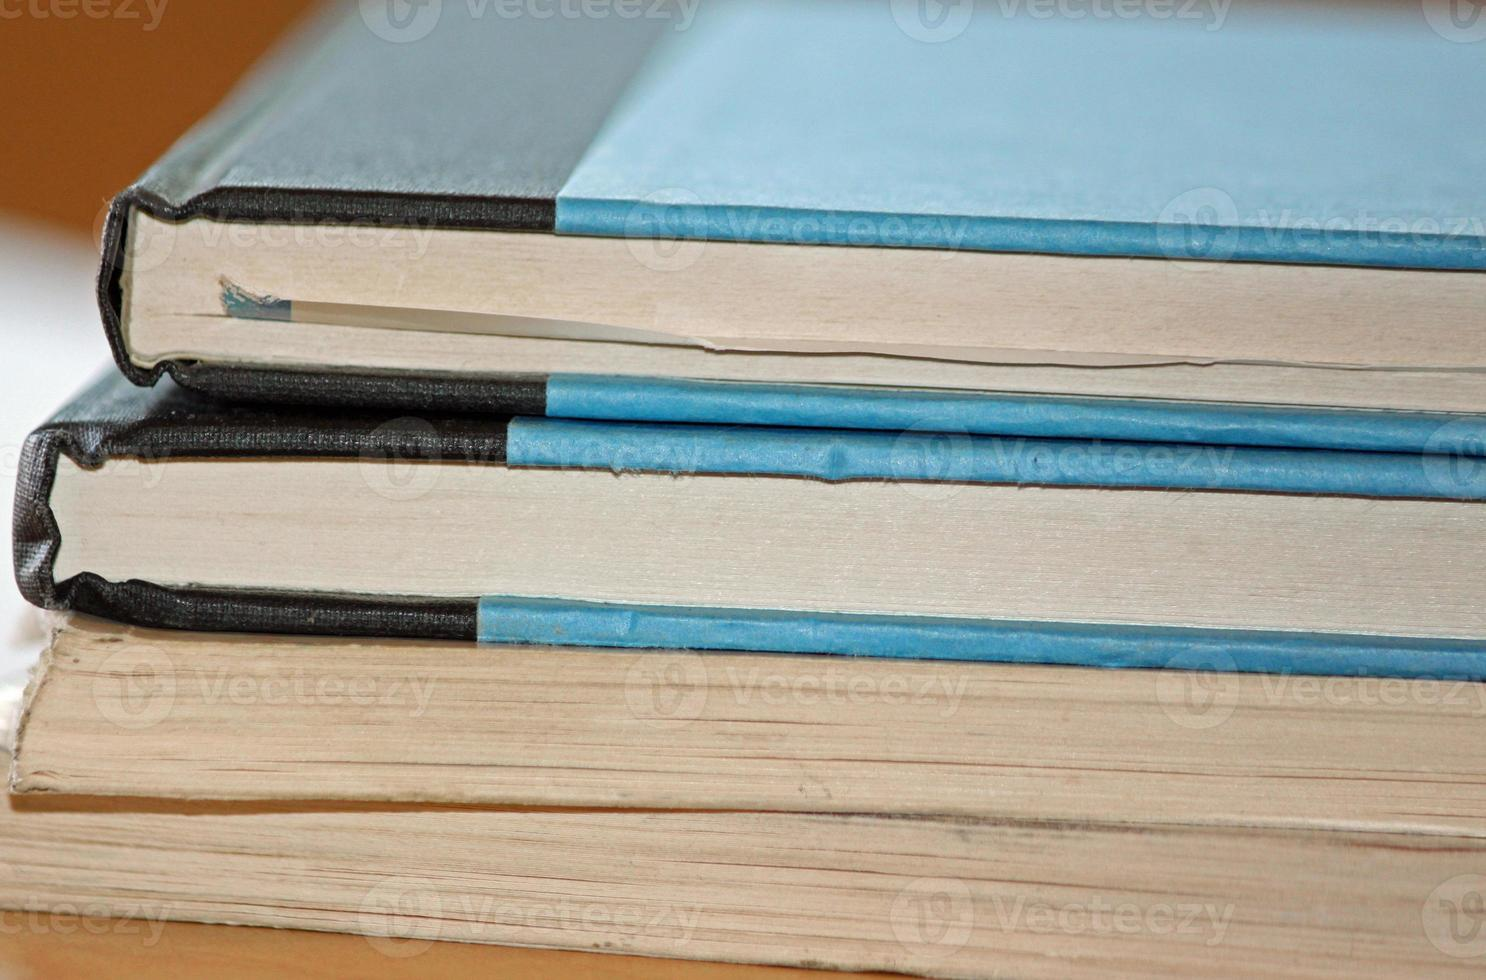 close de uma pilha de livros em uma mesa foto